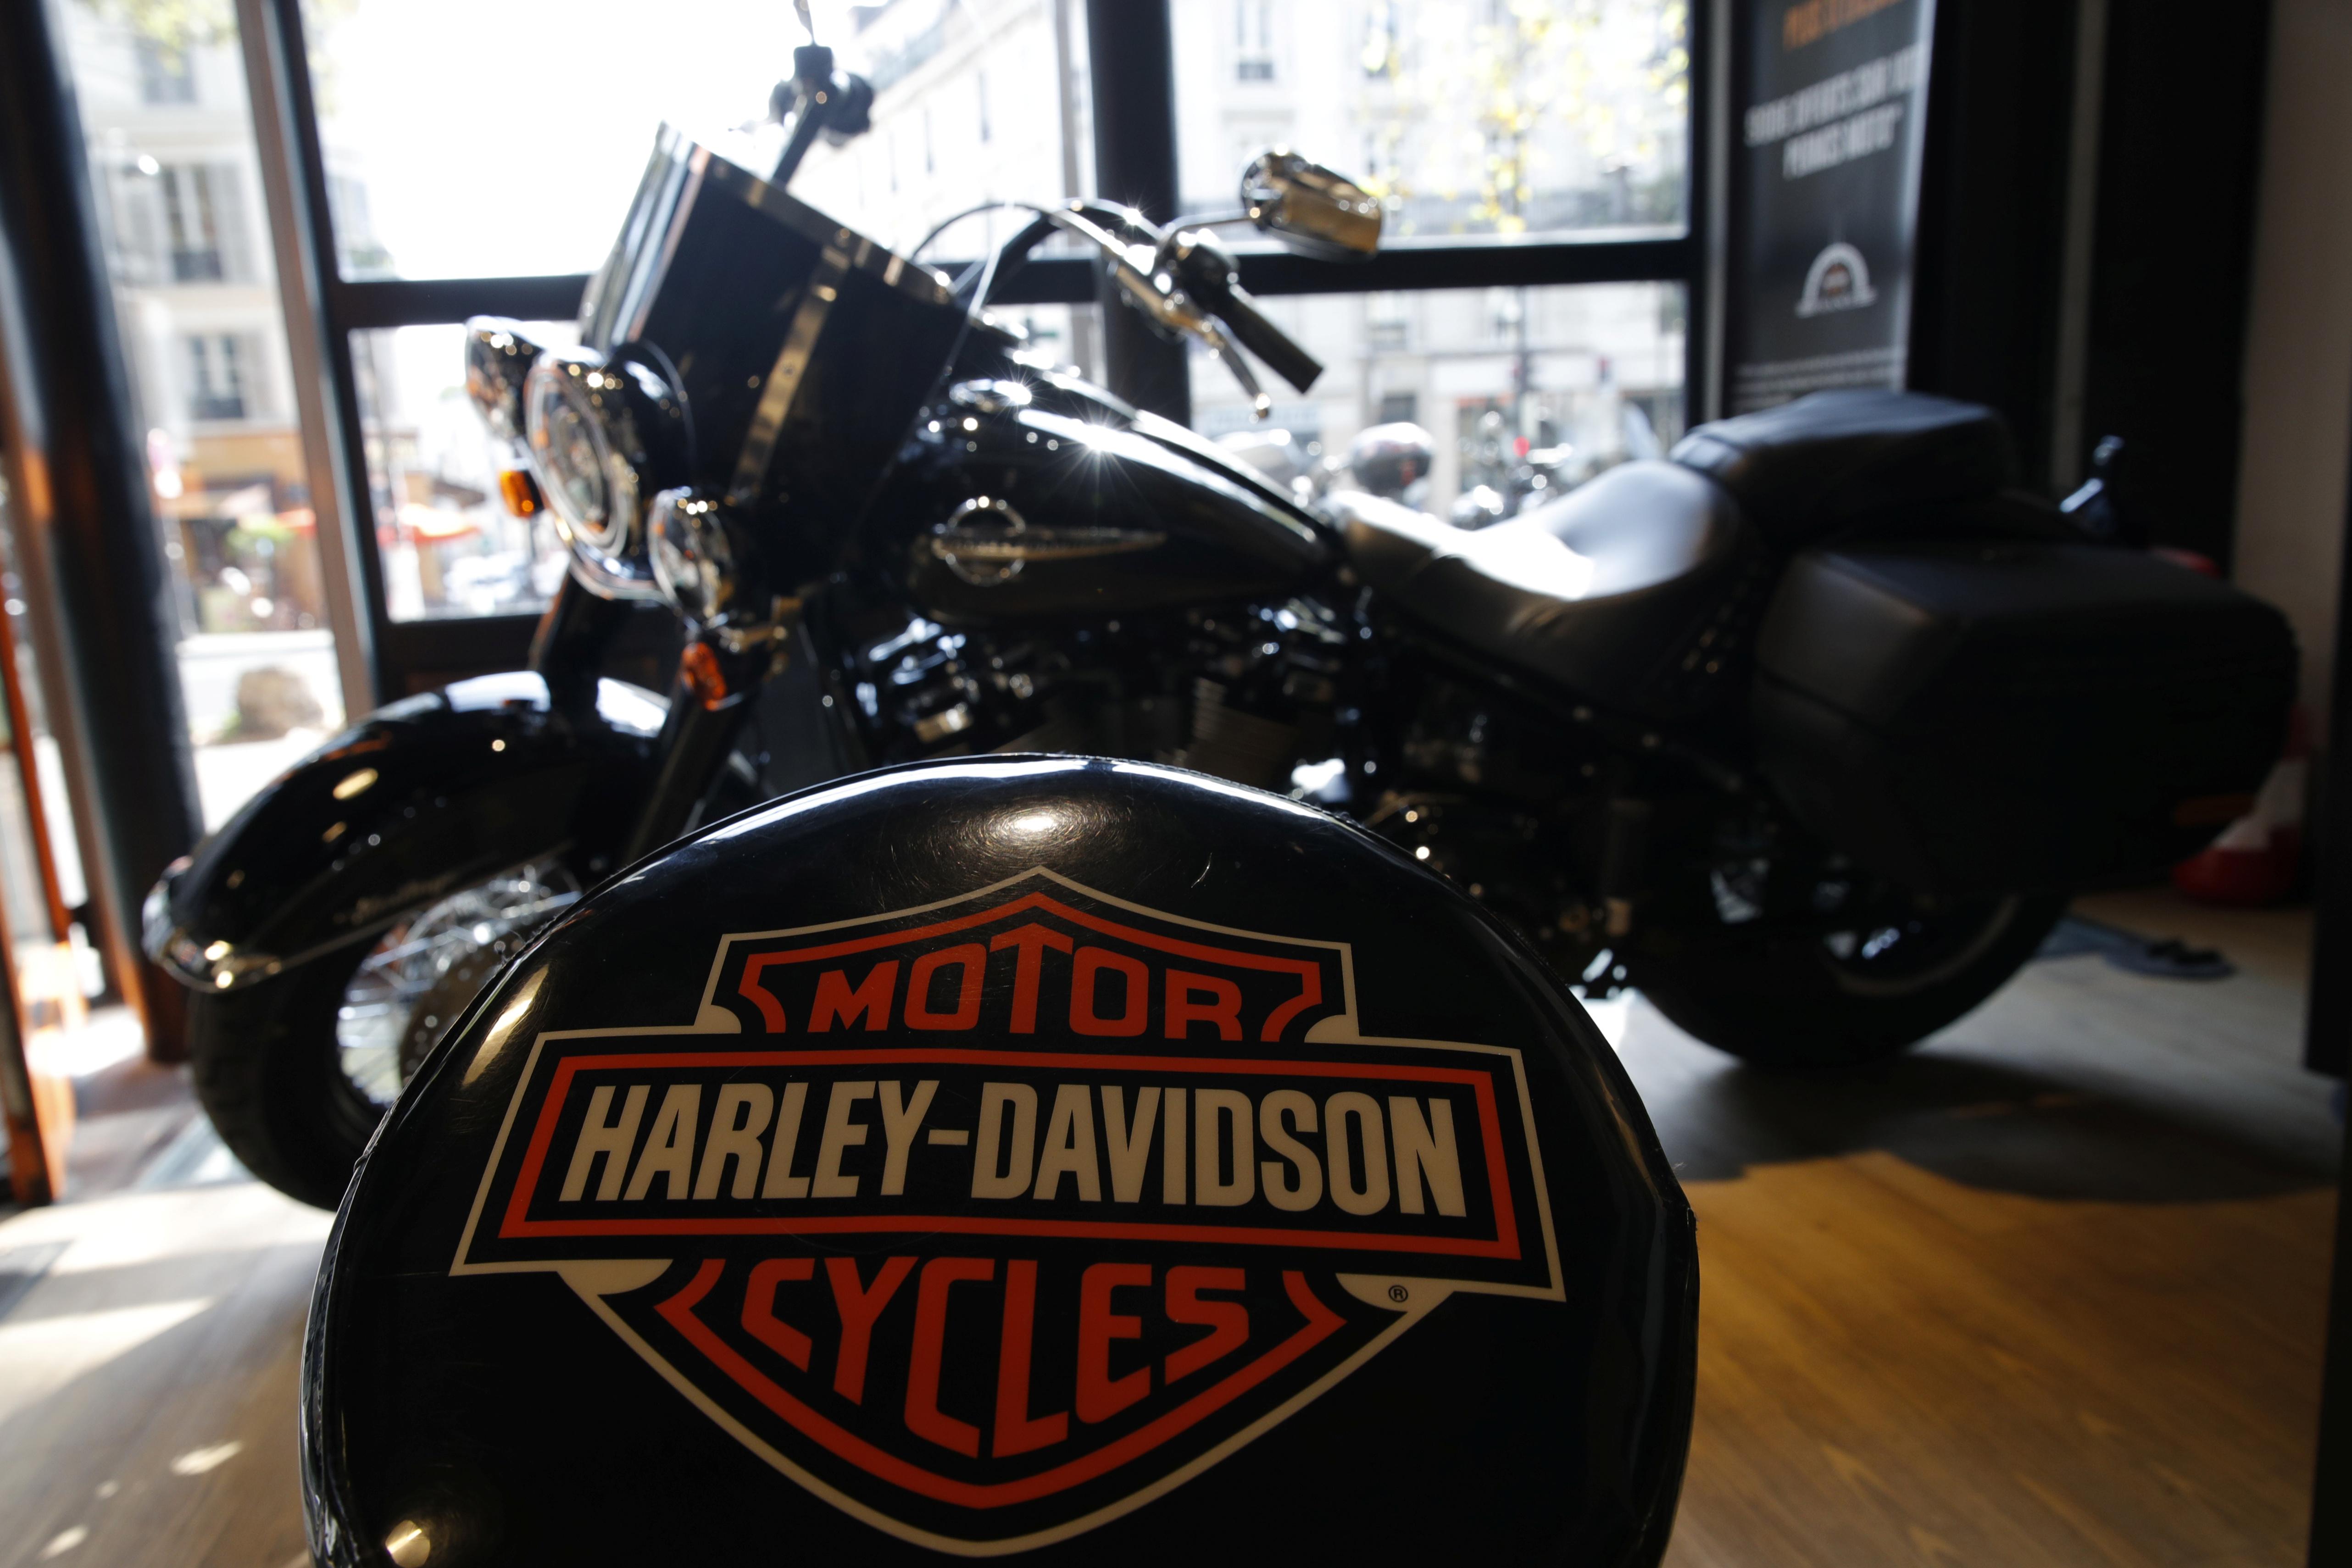 Harley-Davidson, Inc. (HOG) Trading at $34.10 after Plunge